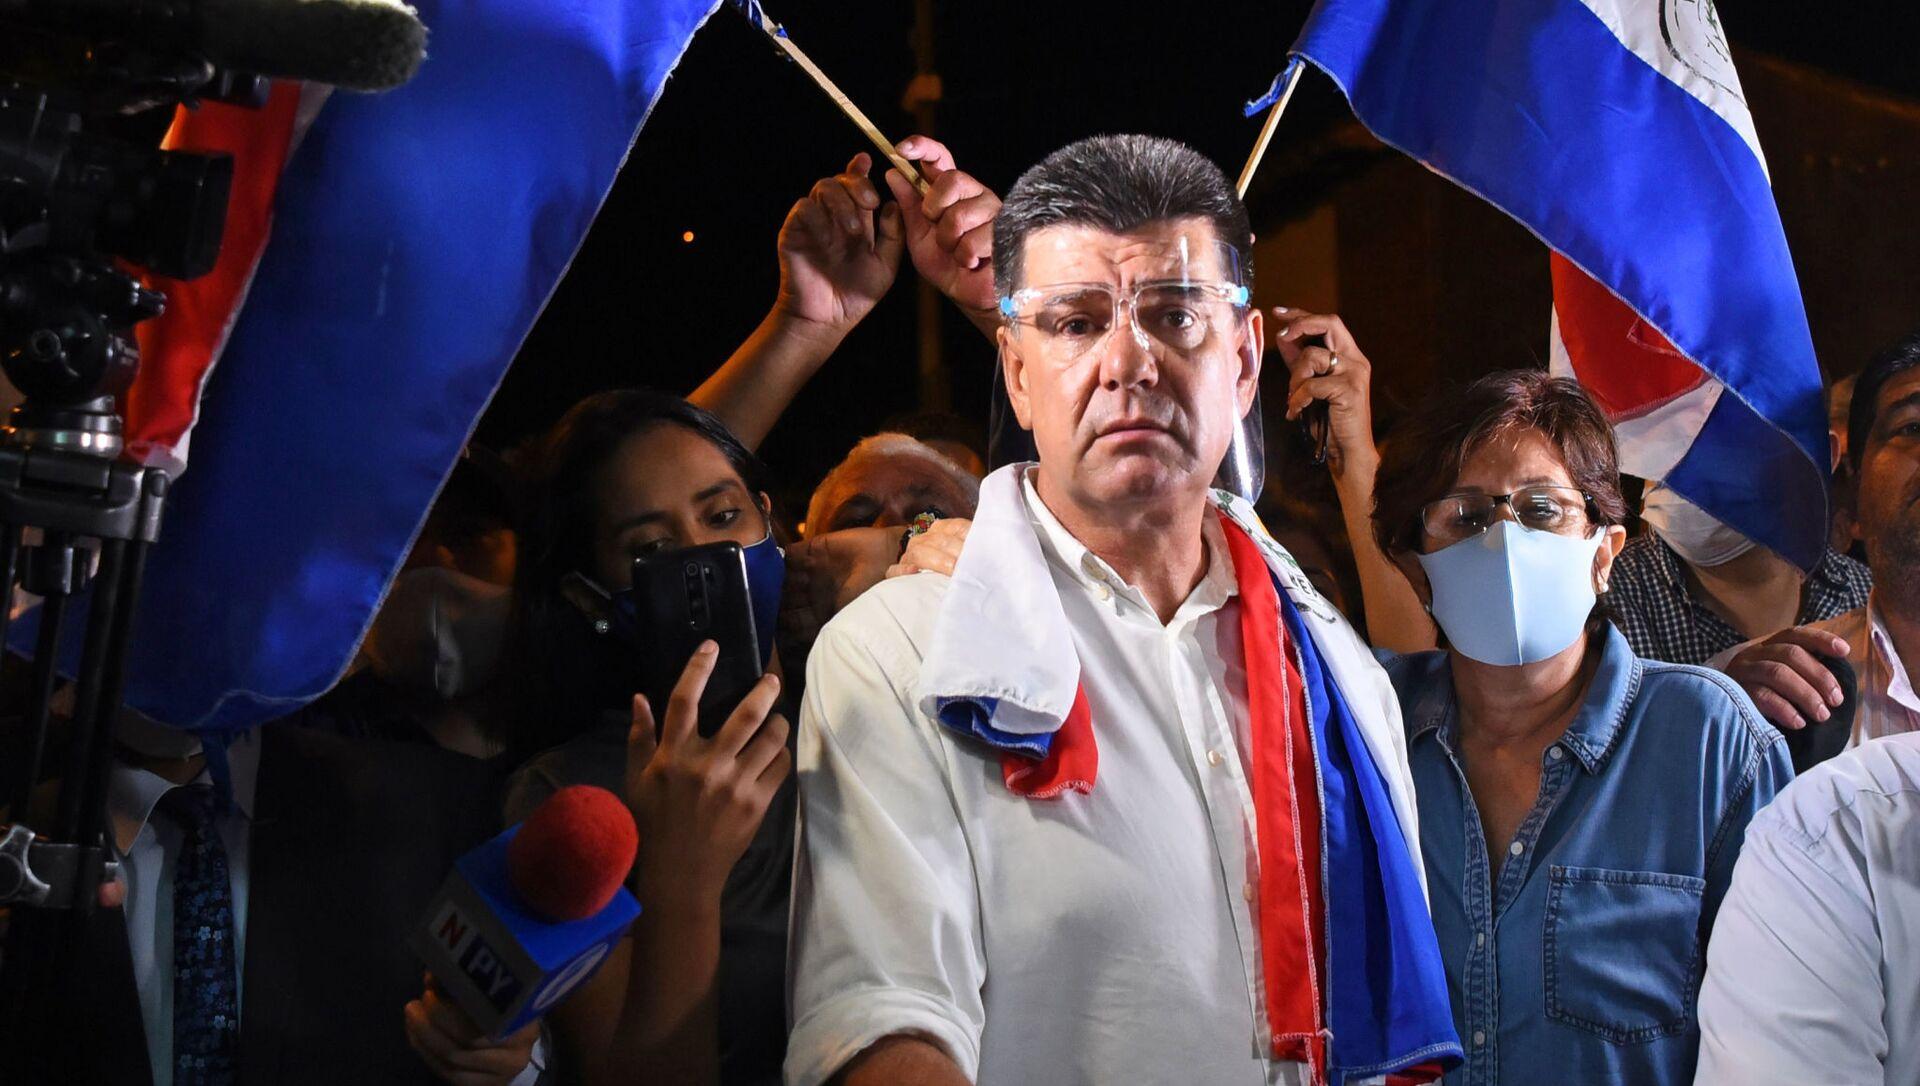 Efraín Alegre, el presidente del opositor Partido Liberal Radical Auténtico del Paraguay - Sputnik Mundo, 1920, 03.02.2021